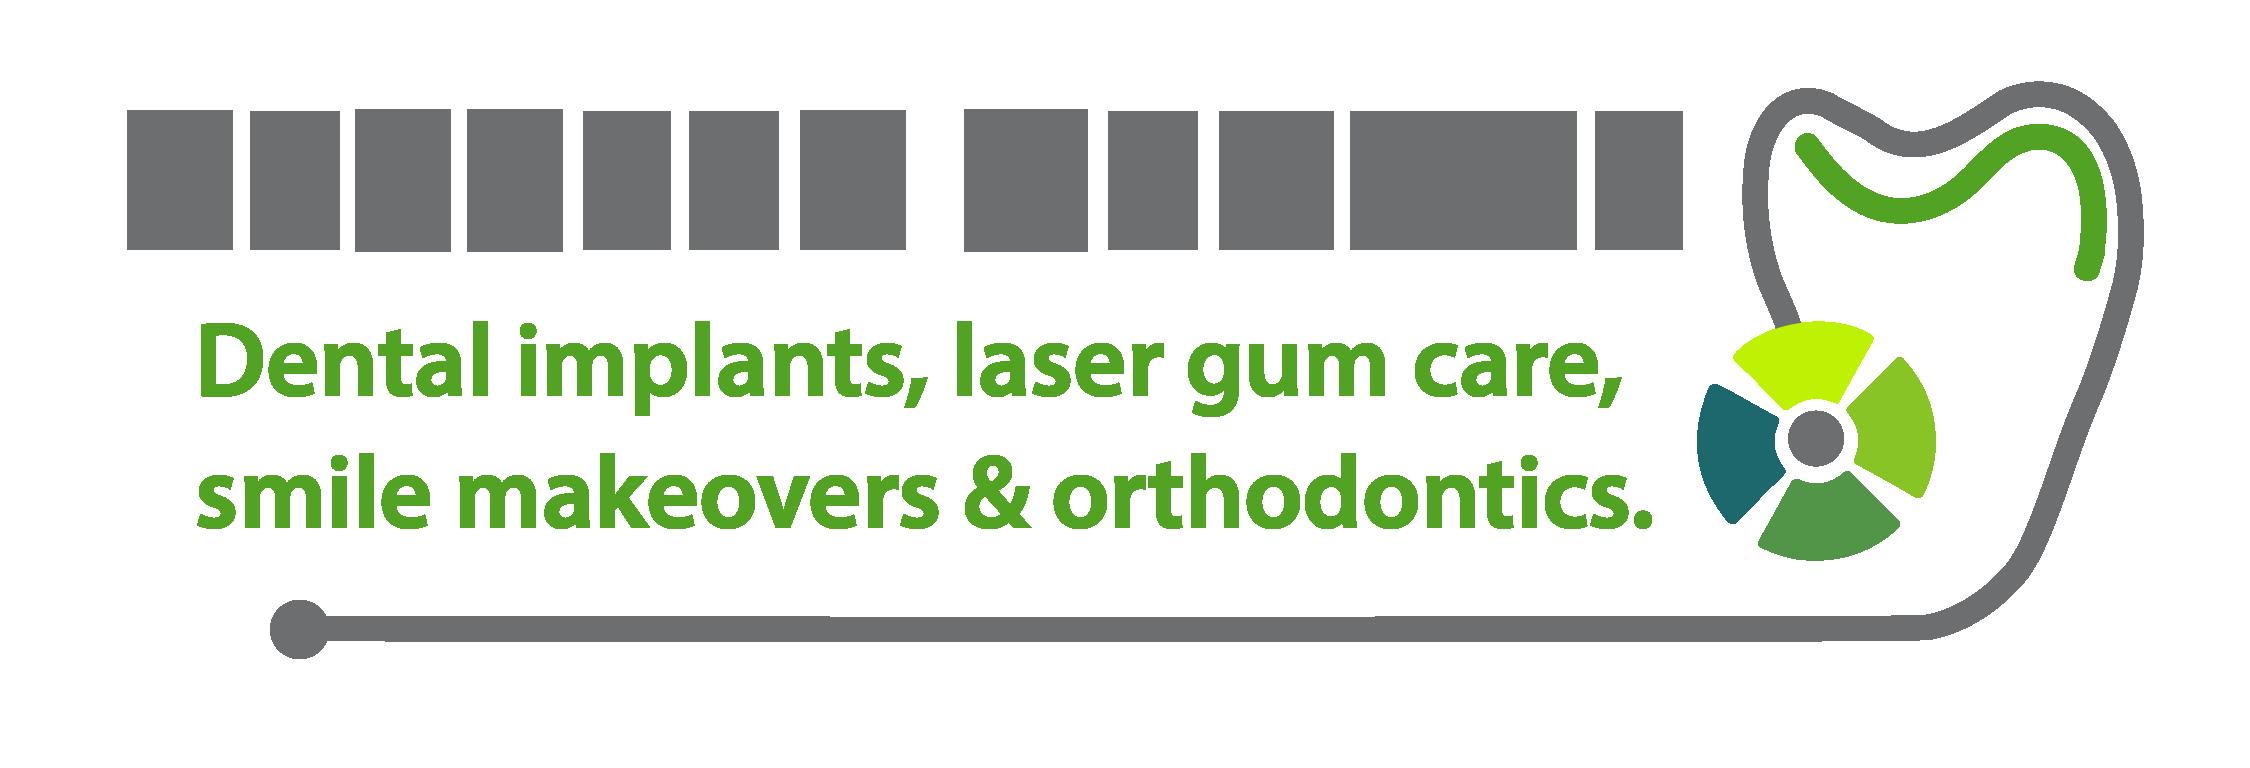 ressler dental